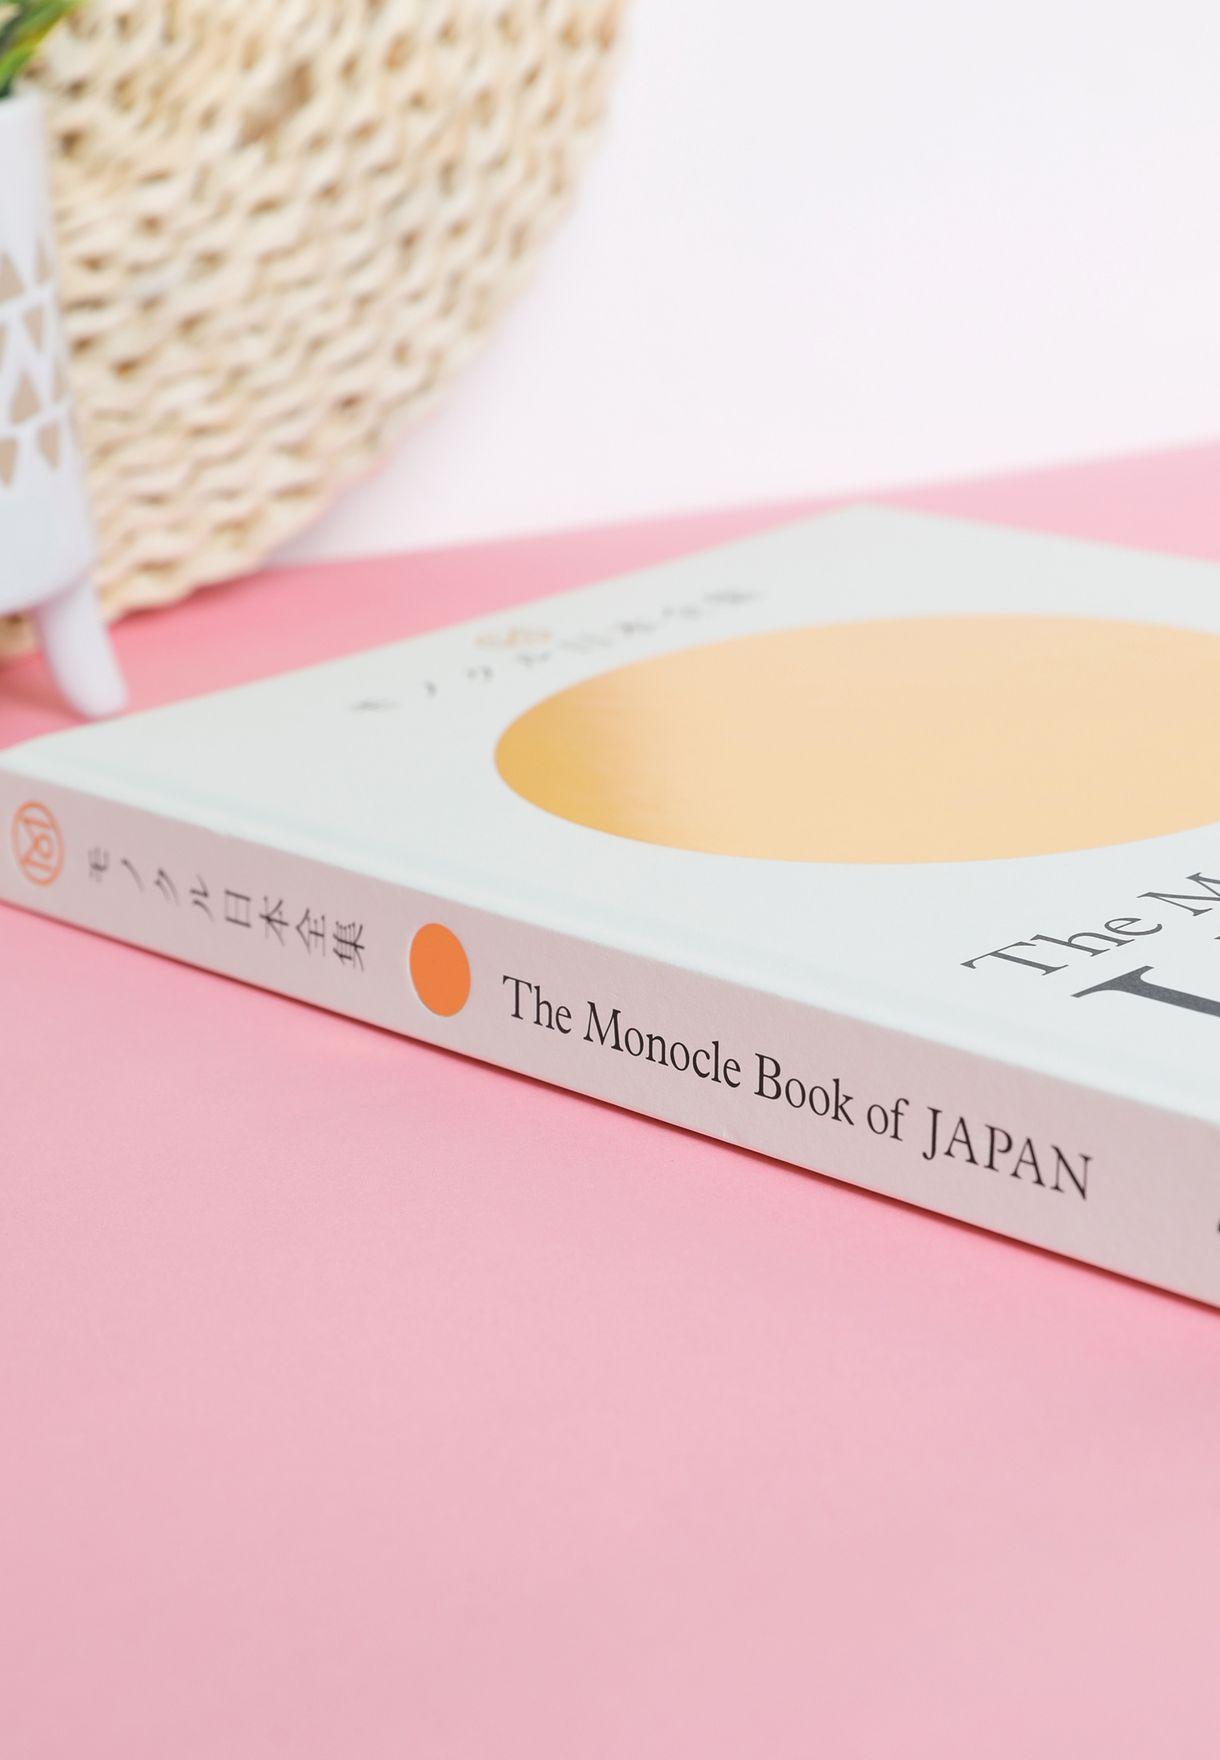 كتاب ذا مونوكل بوك اوف جابان